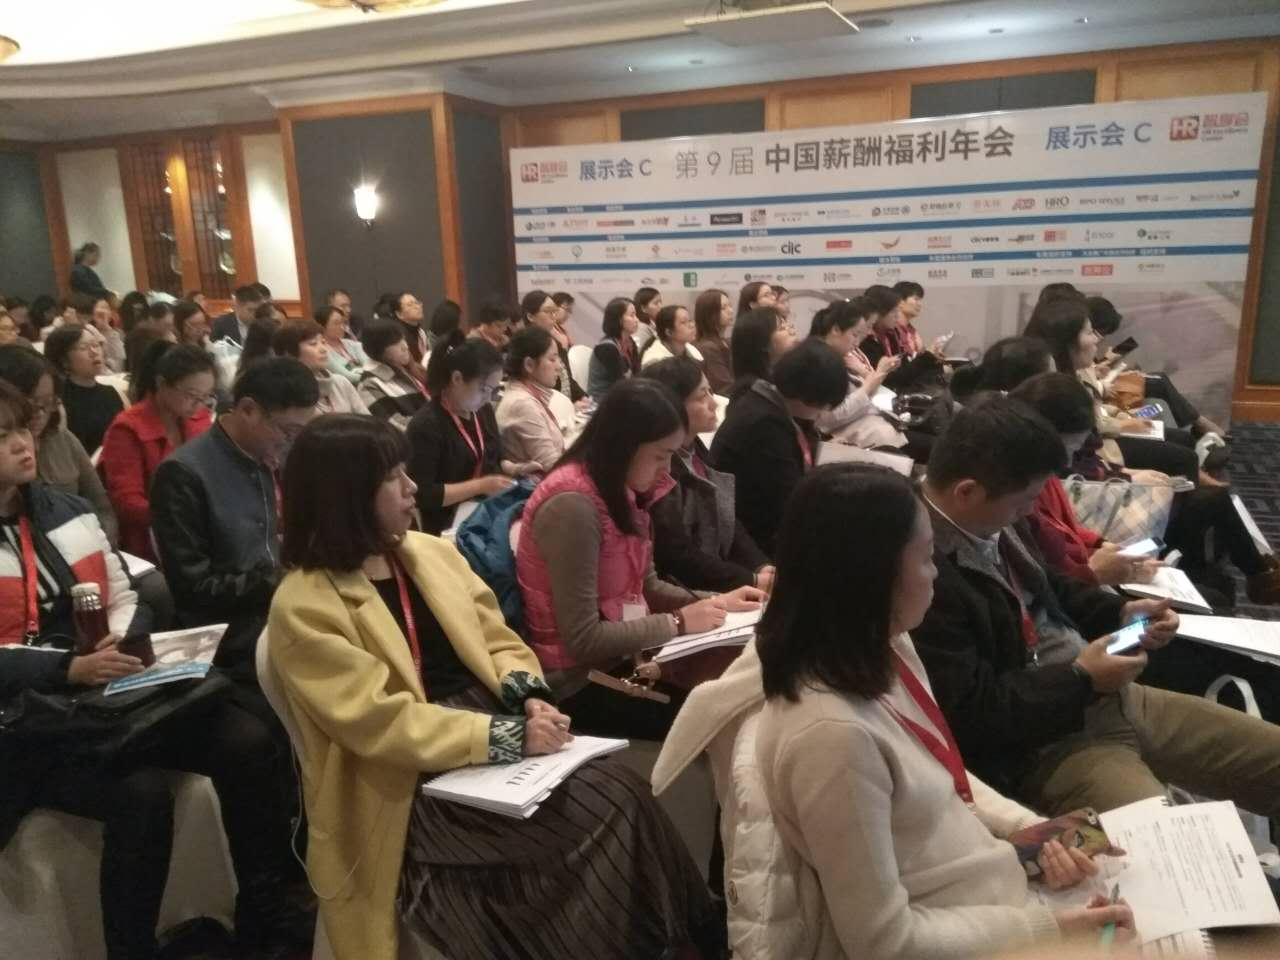 外籍人员中文学习,外籍人员汉语学习,外籍人员汉语培训机构